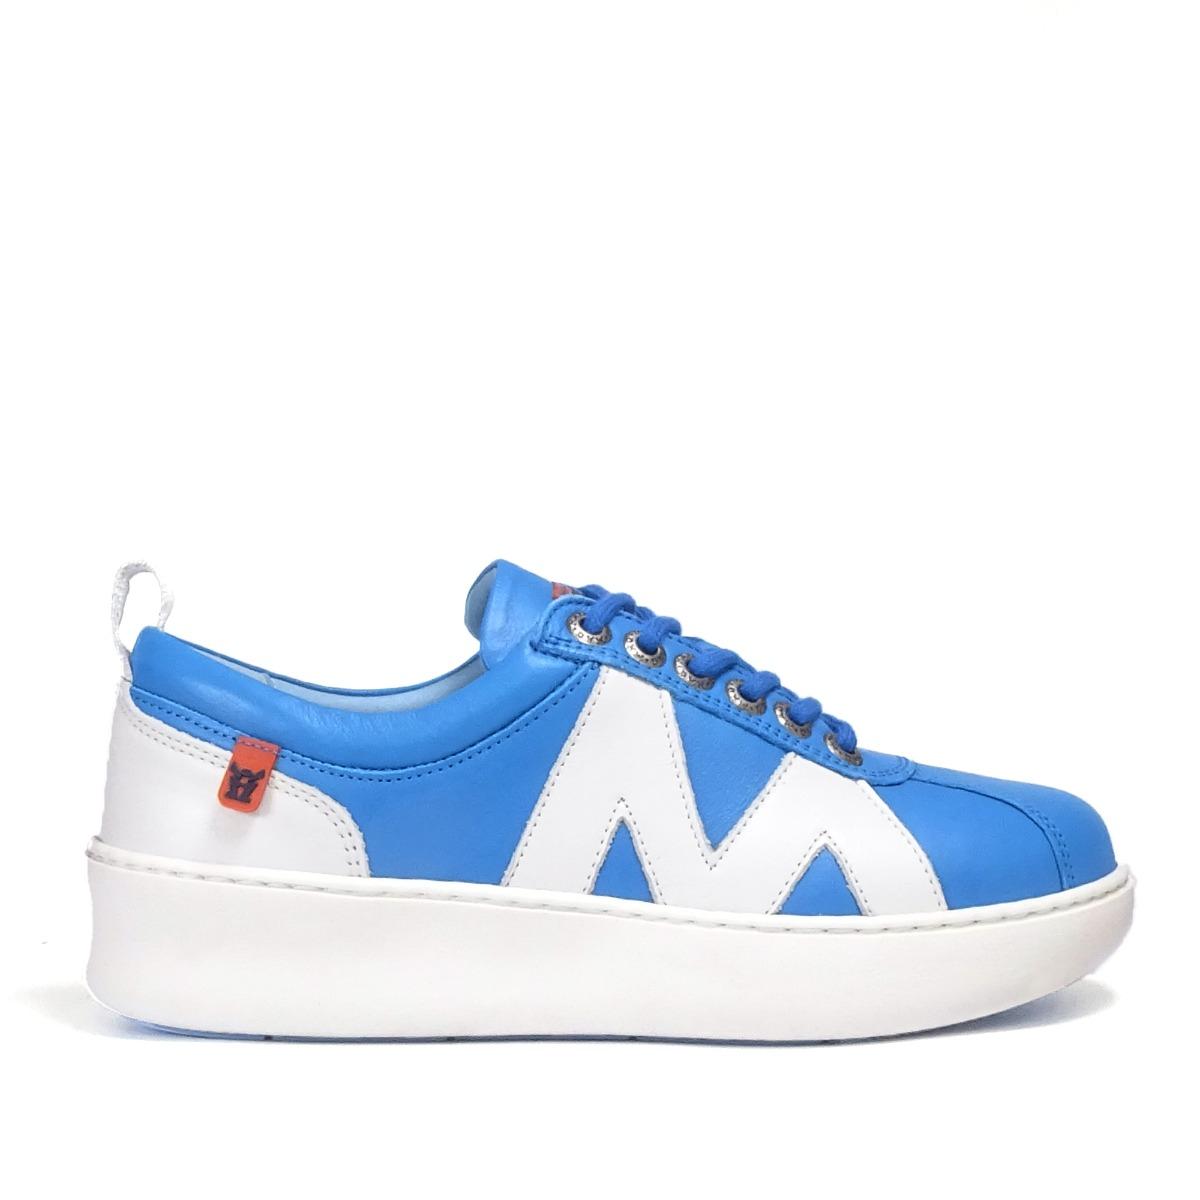 Sympasneaker 4231 Malibu Blue